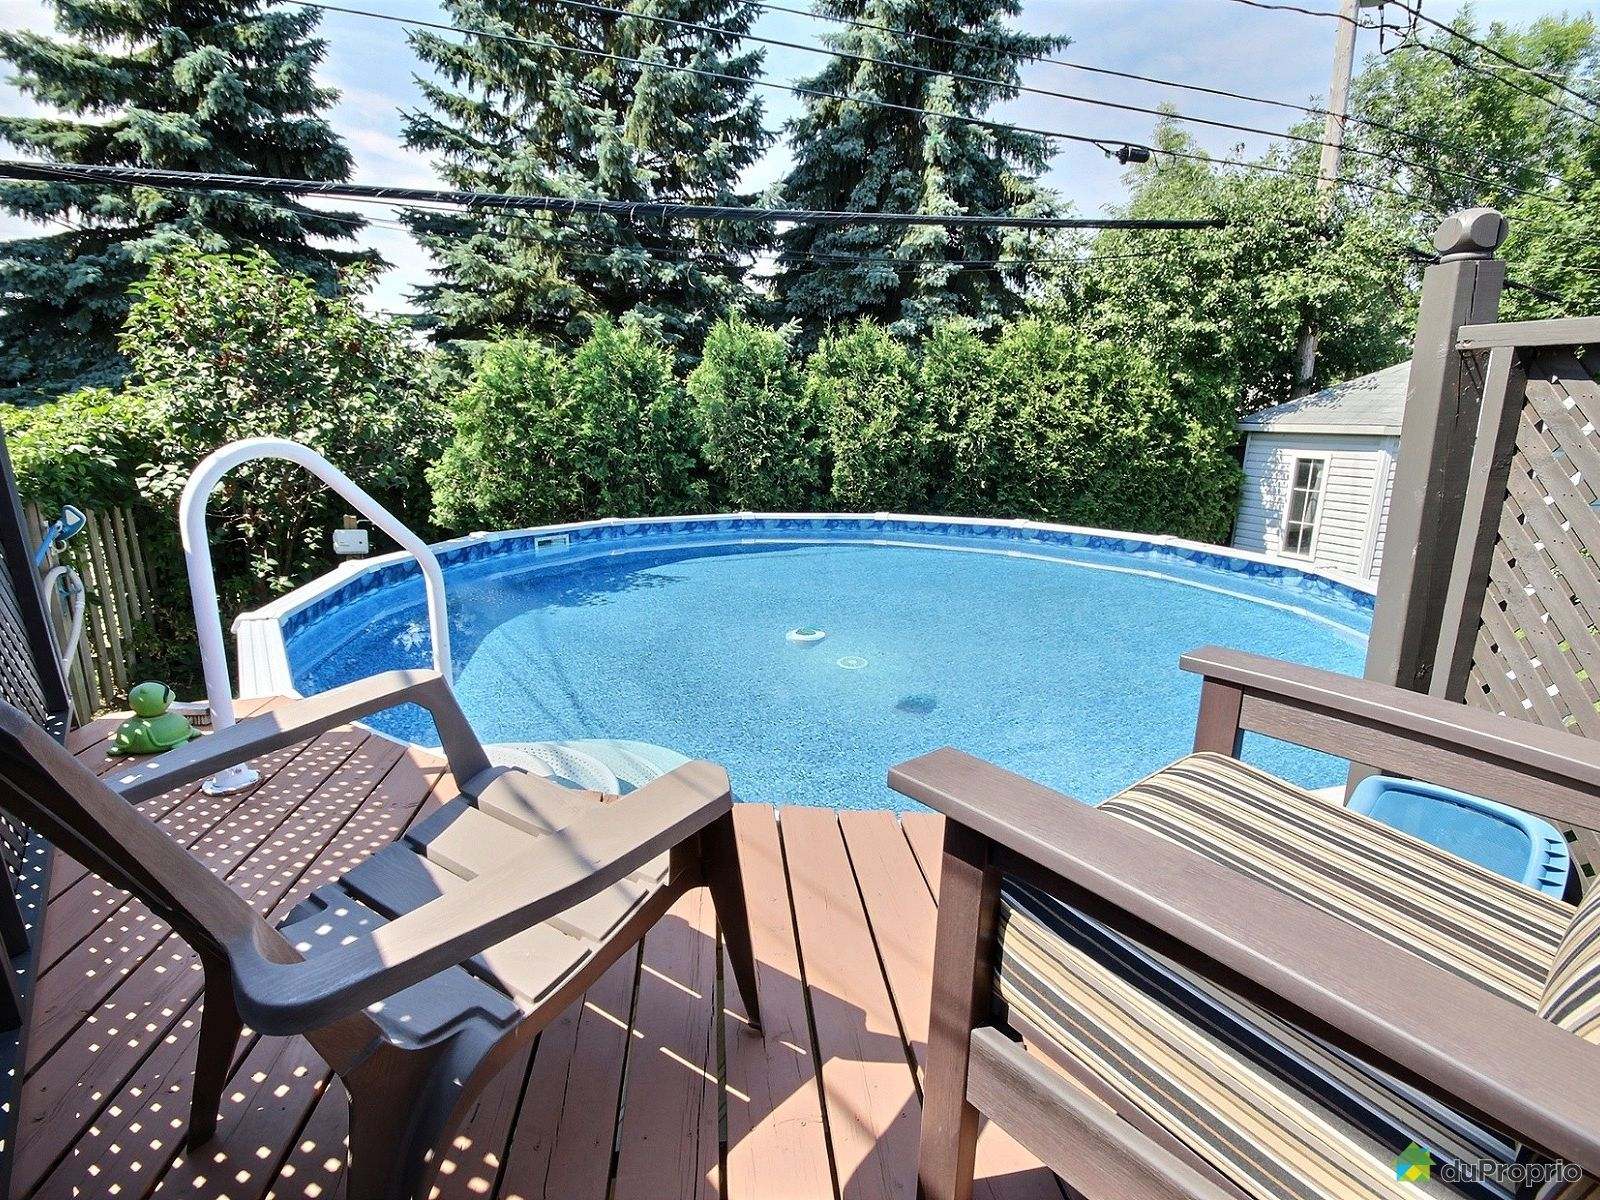 Maison vendre boucherville 1236 rue de jumi ges for Club piscine boucherville